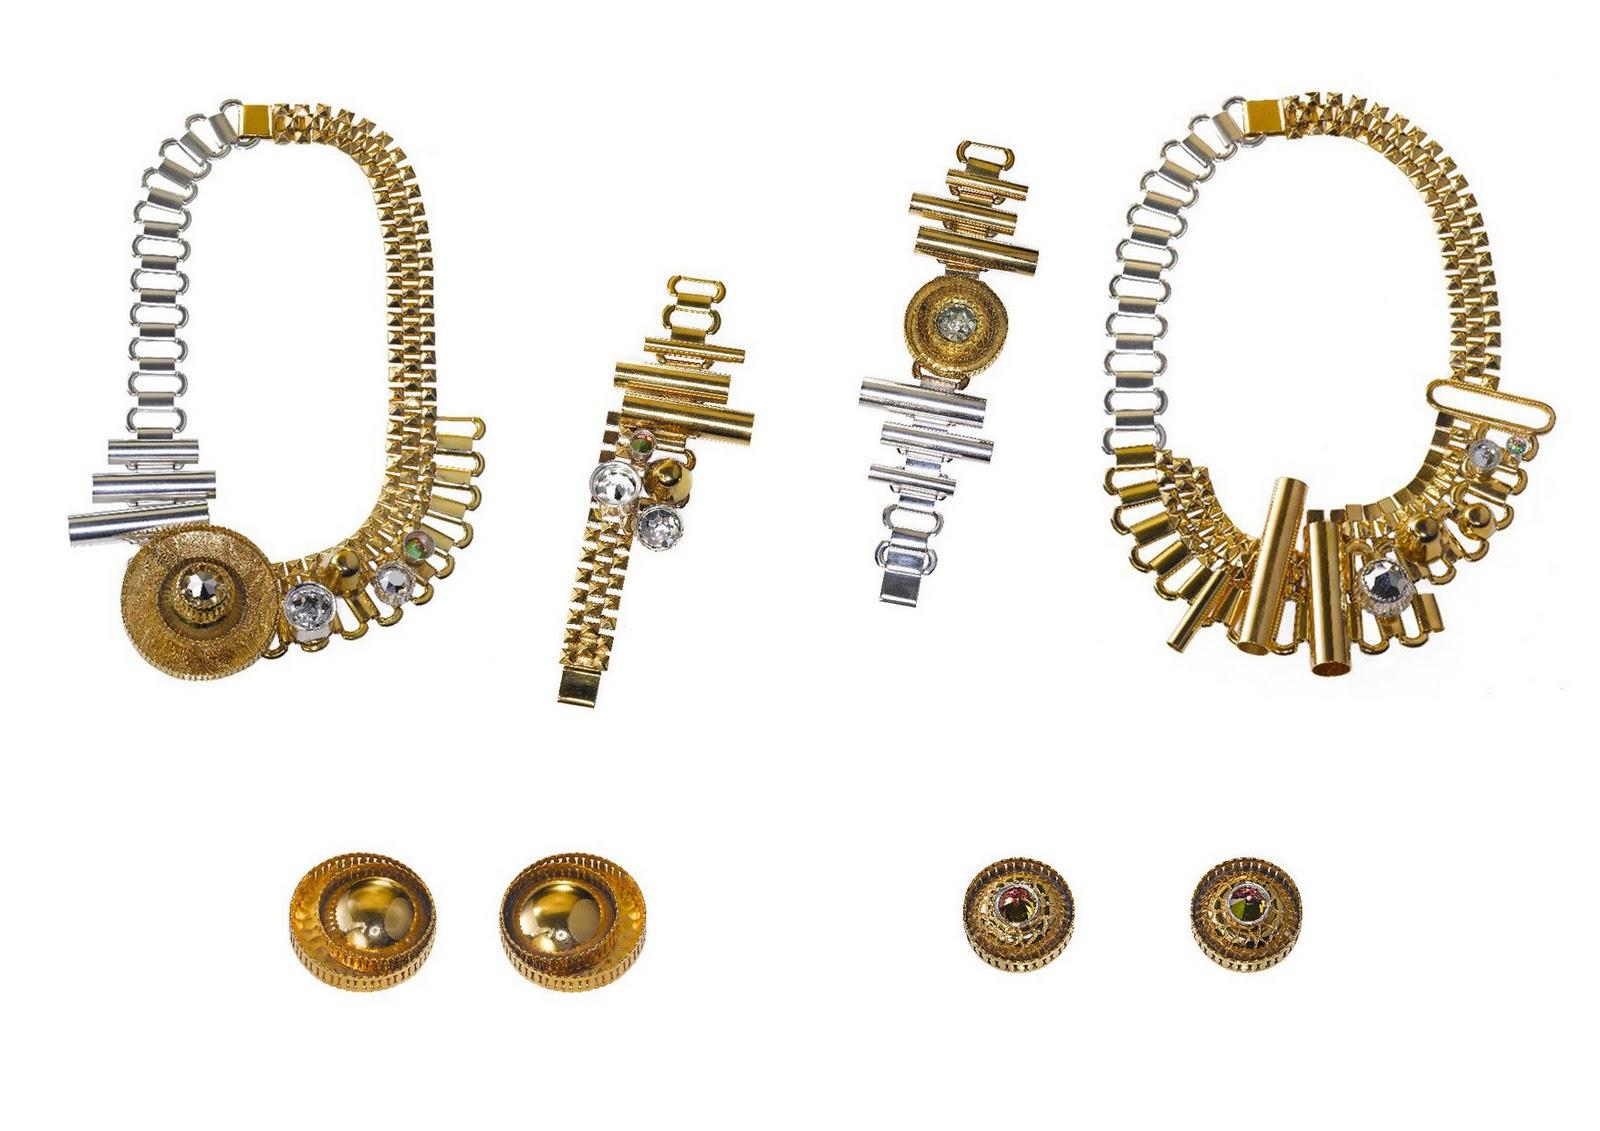 http://3.bp.blogspot.com/-magX20jyEPk/TWWJCaGEeYI/AAAAAAAAAxs/pV63vhiBaig/s1600/scott3+copy.jpg